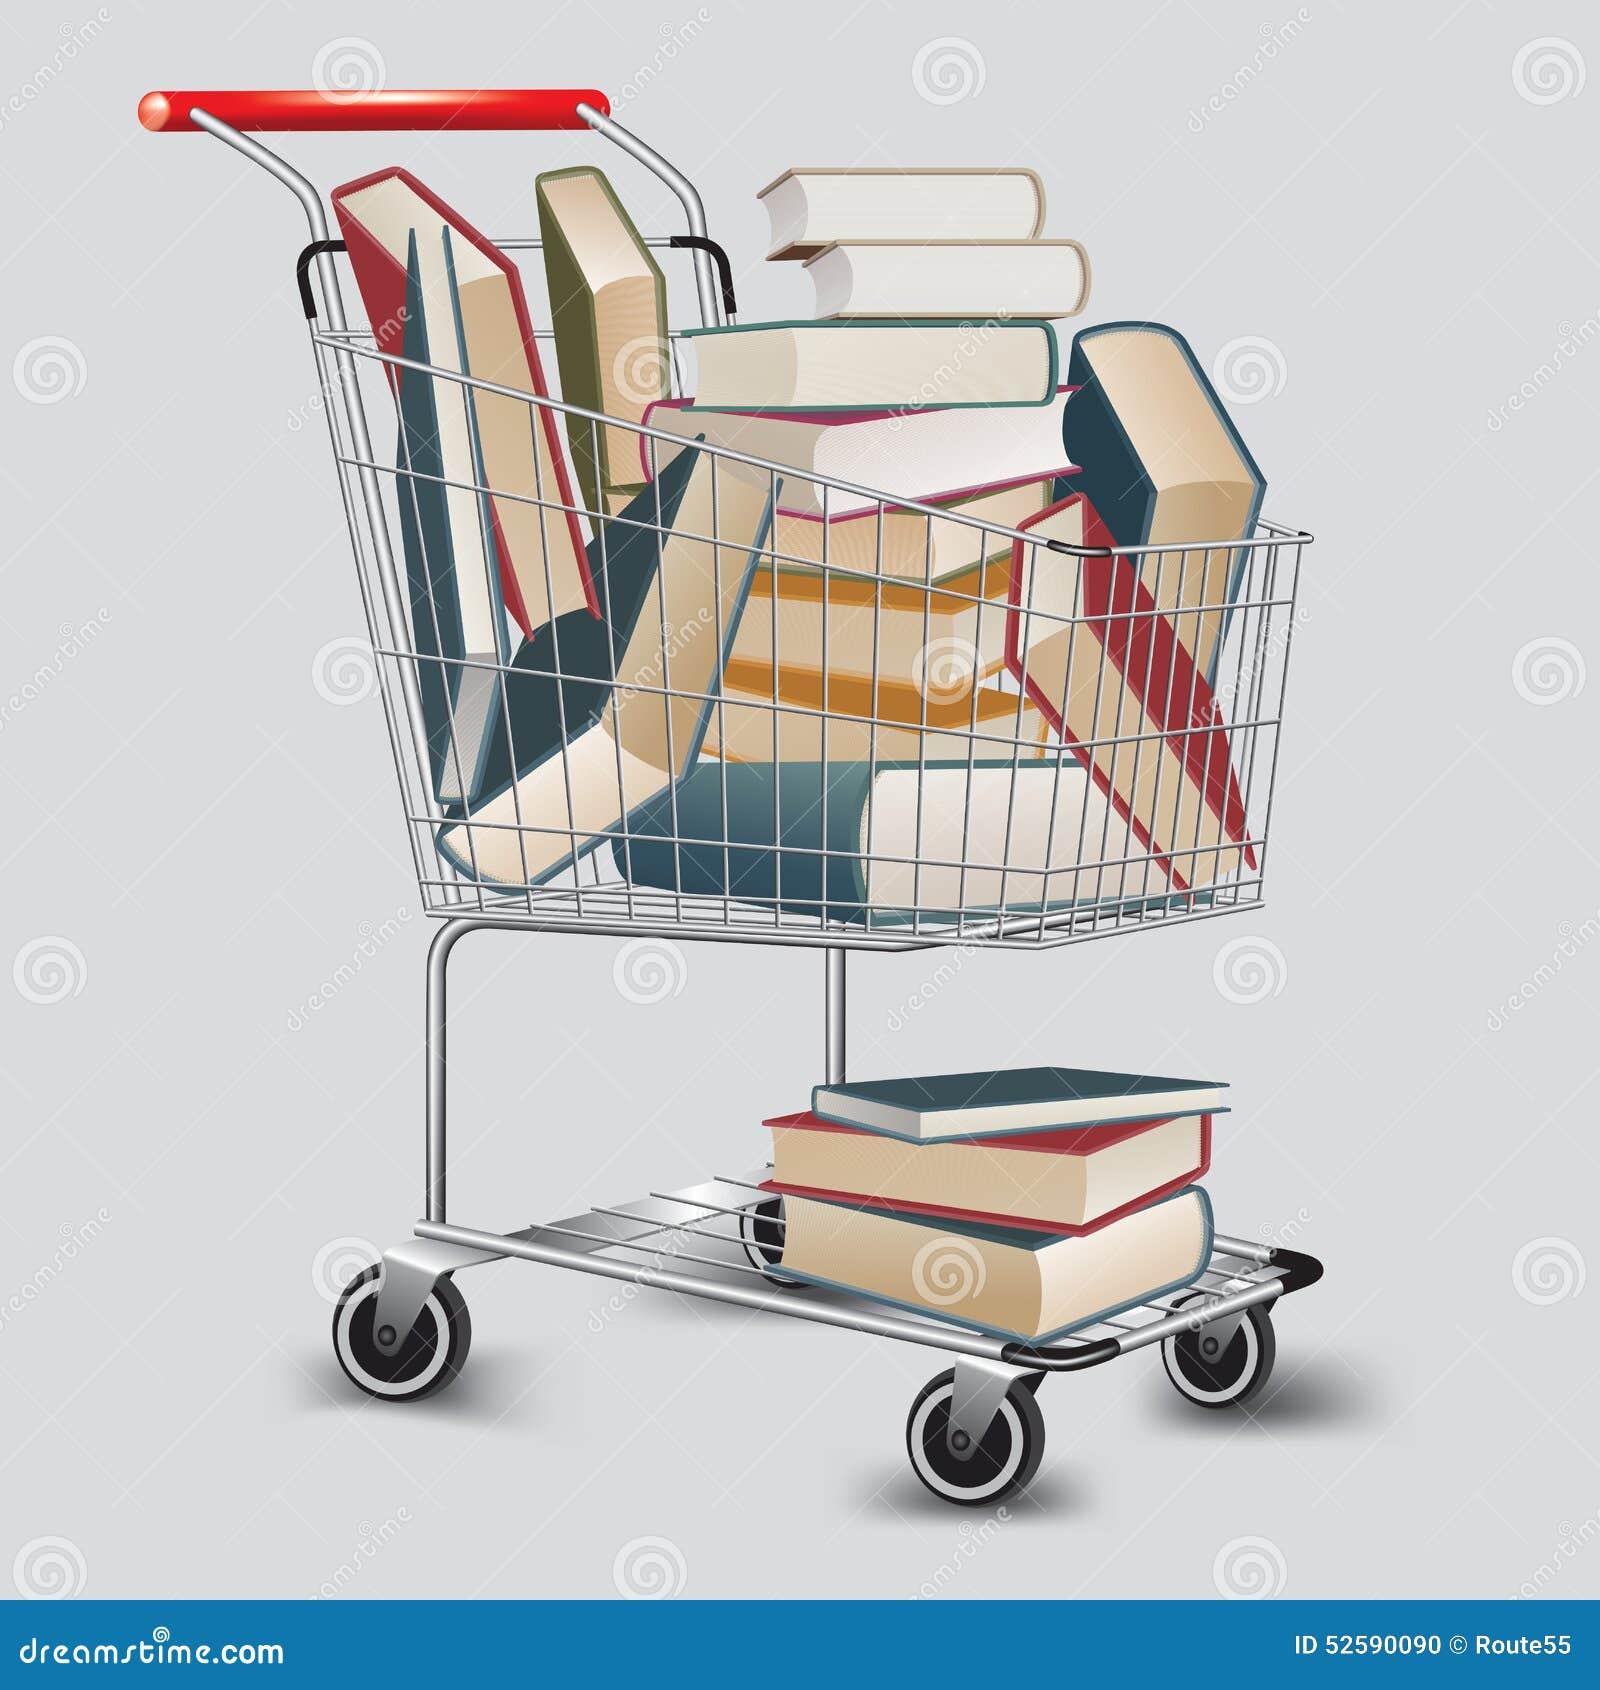 Jaypee books online shopping